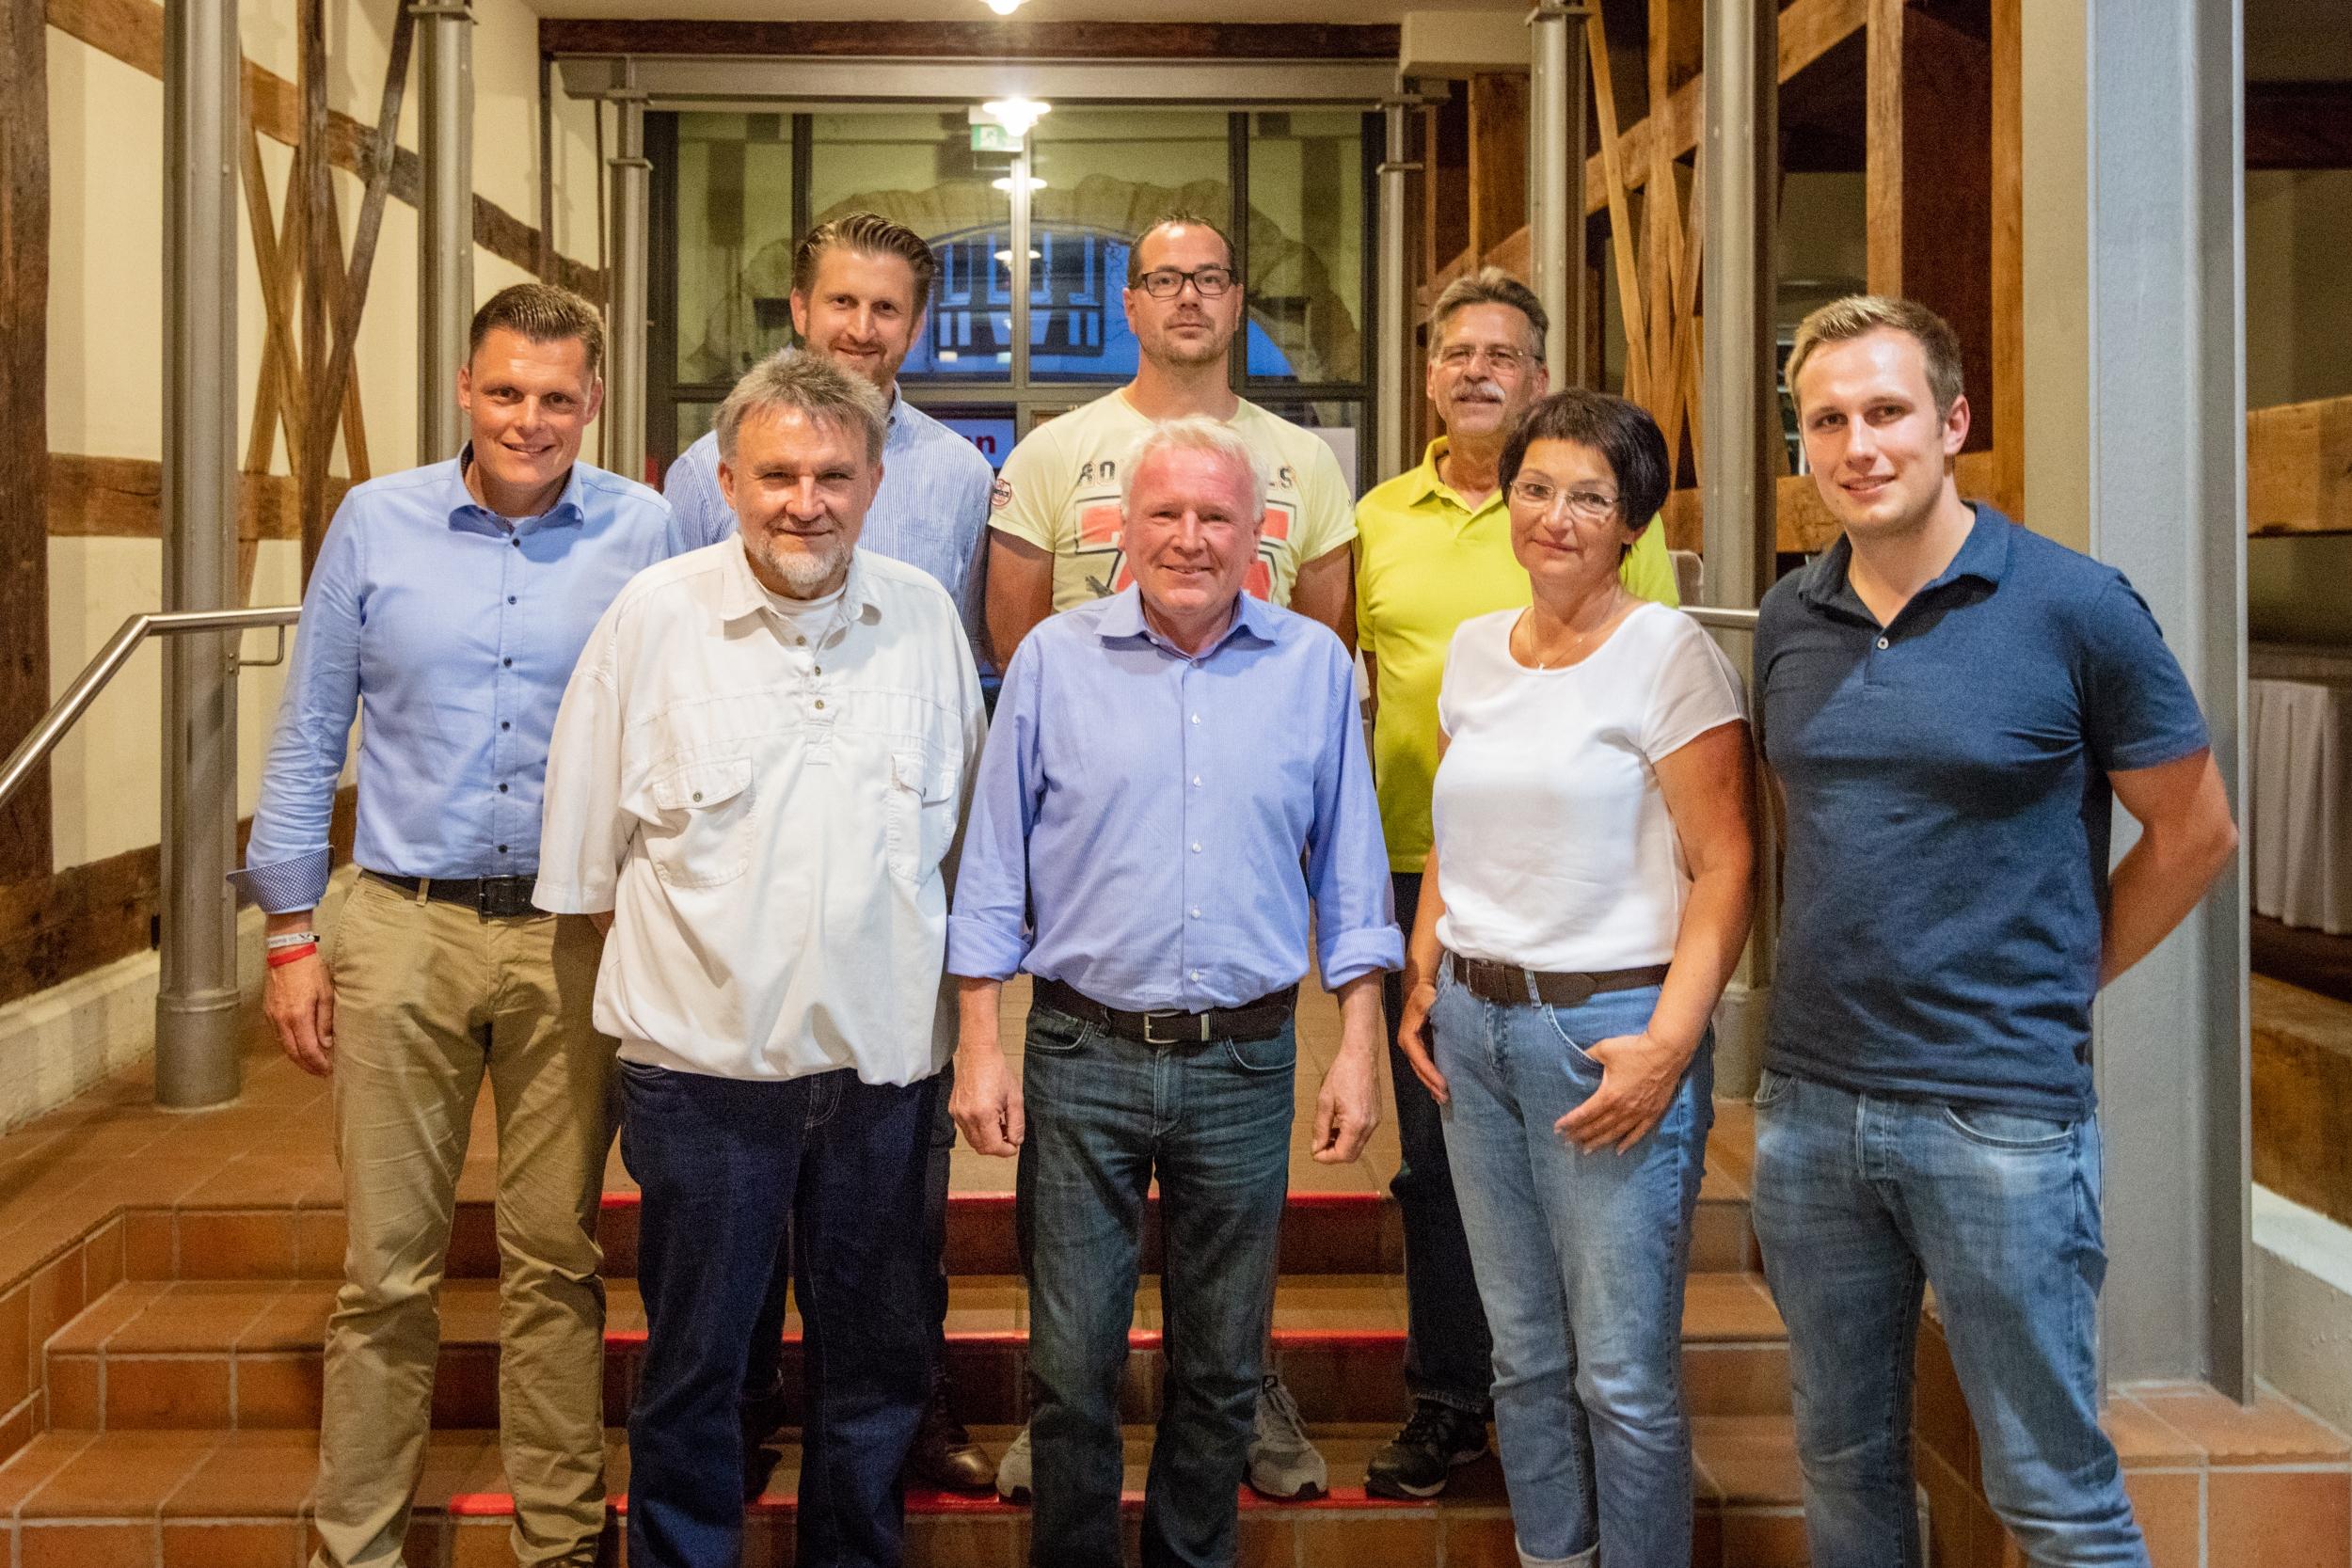 Gründungsveranstaltung Förderverein Plesseturm 28.06.2018 IMG_0938 Christoph Braun 2500px edit